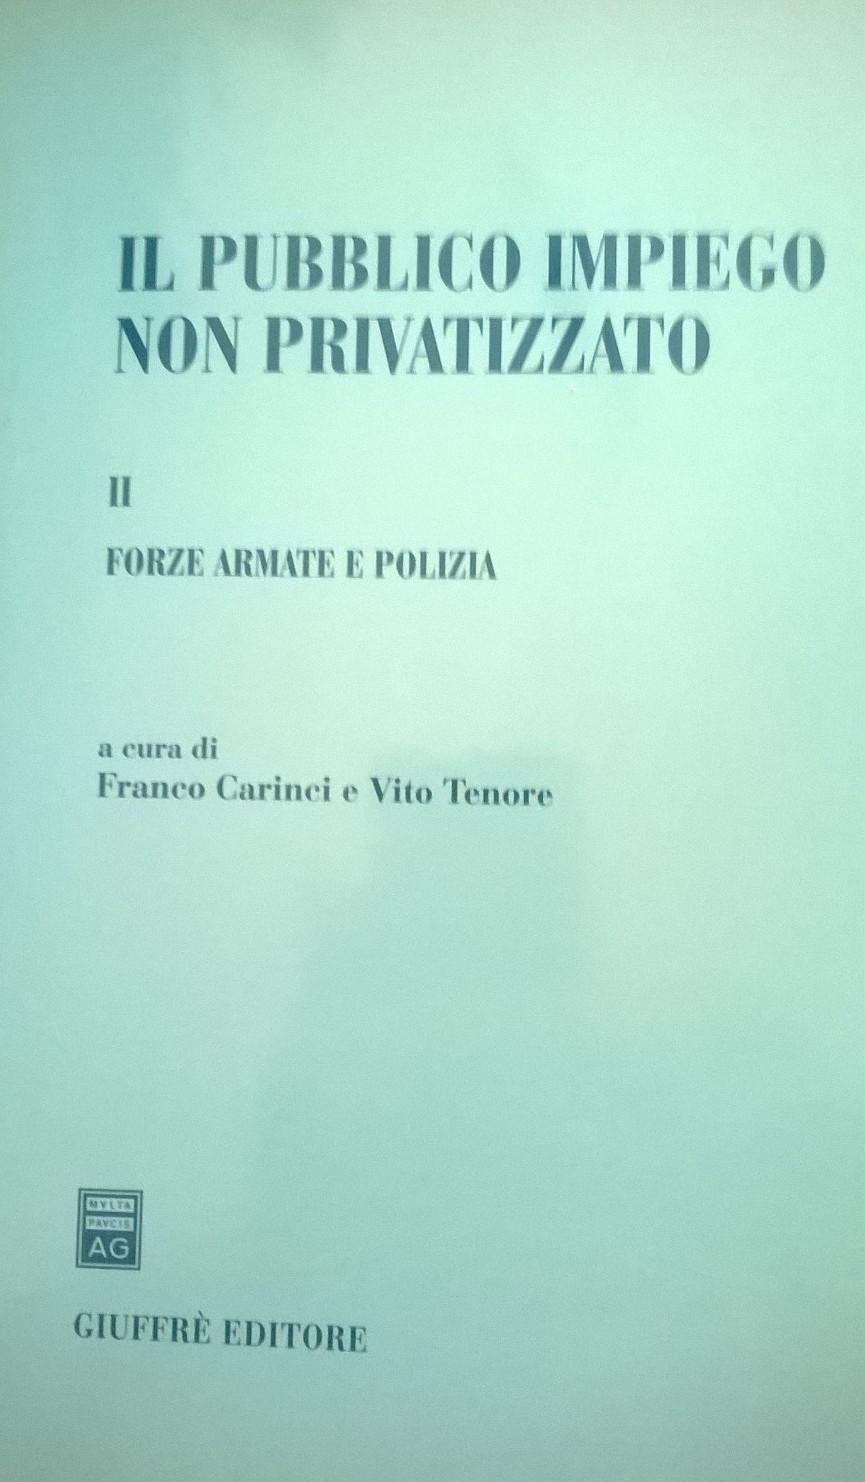 Il pubblico impiego non privatizzato